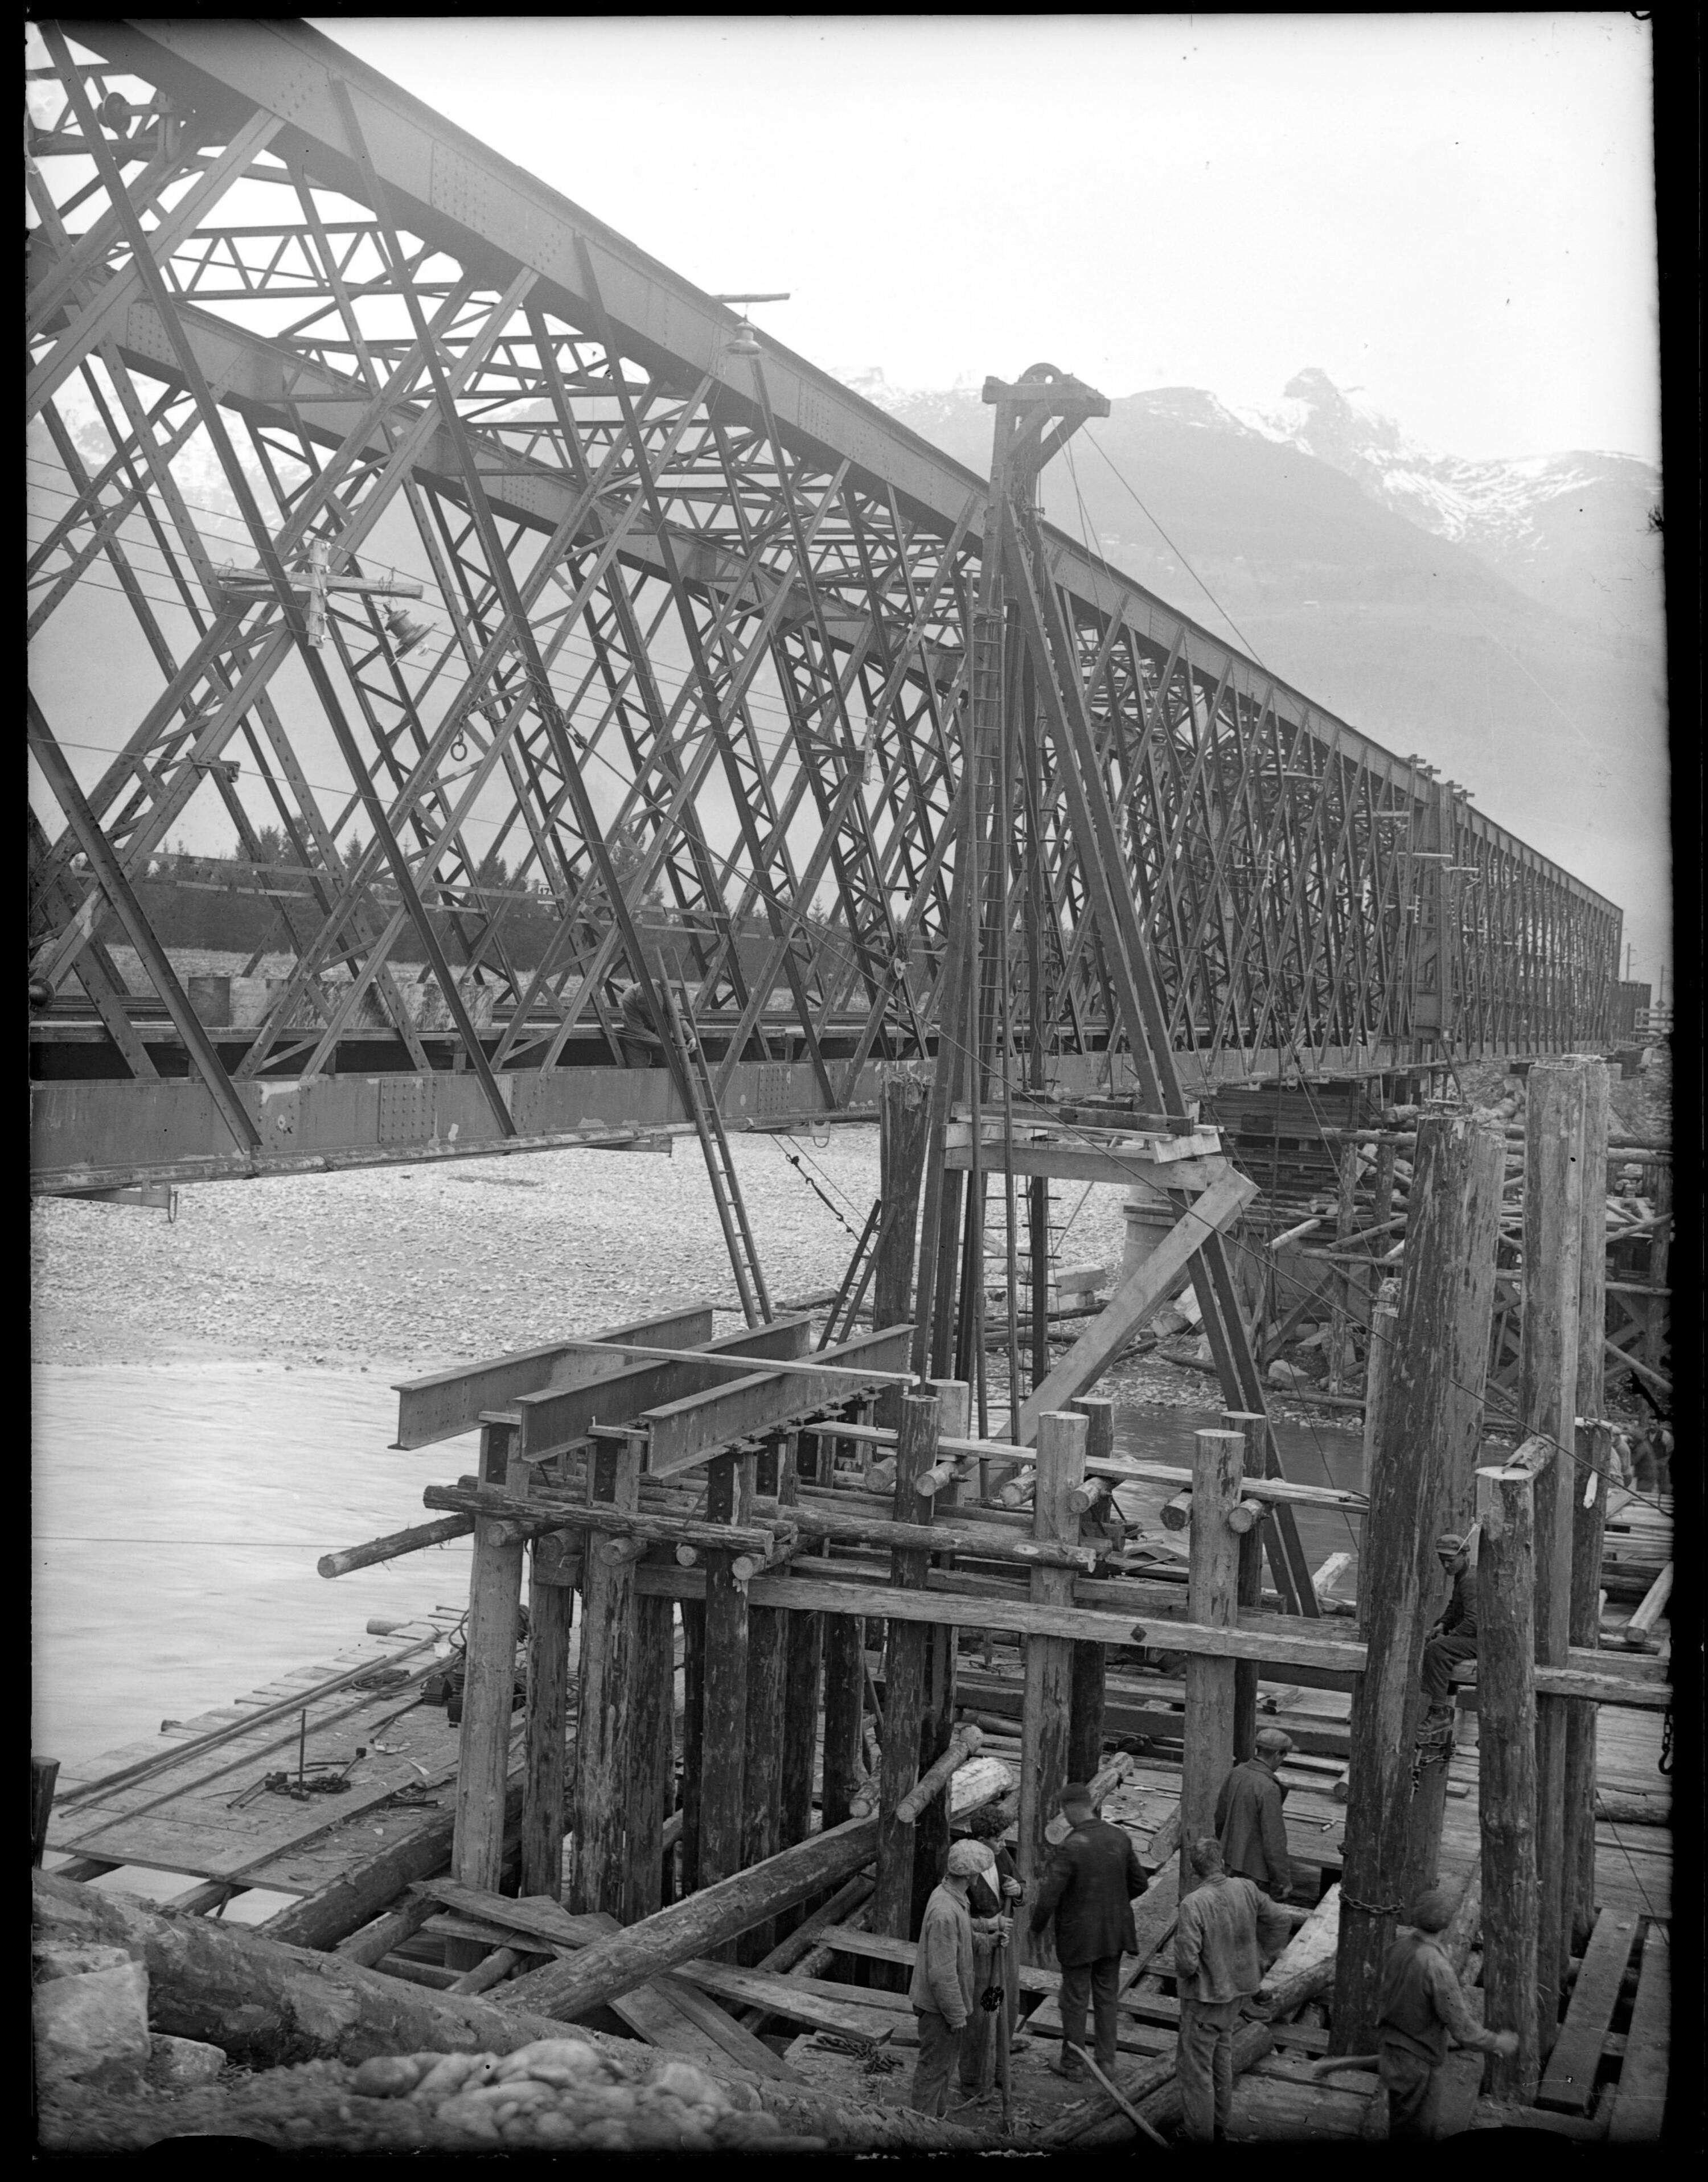 Vorbereitungsarbeiten zur Errichtung der neuen Rheinbrücke neben der Bestehenden zwischen Schaan-Vaduz und Buchs SG im km 17,3 2 / Josef Wilhelm Purtscher von Purtscher, Josef Wilhelm